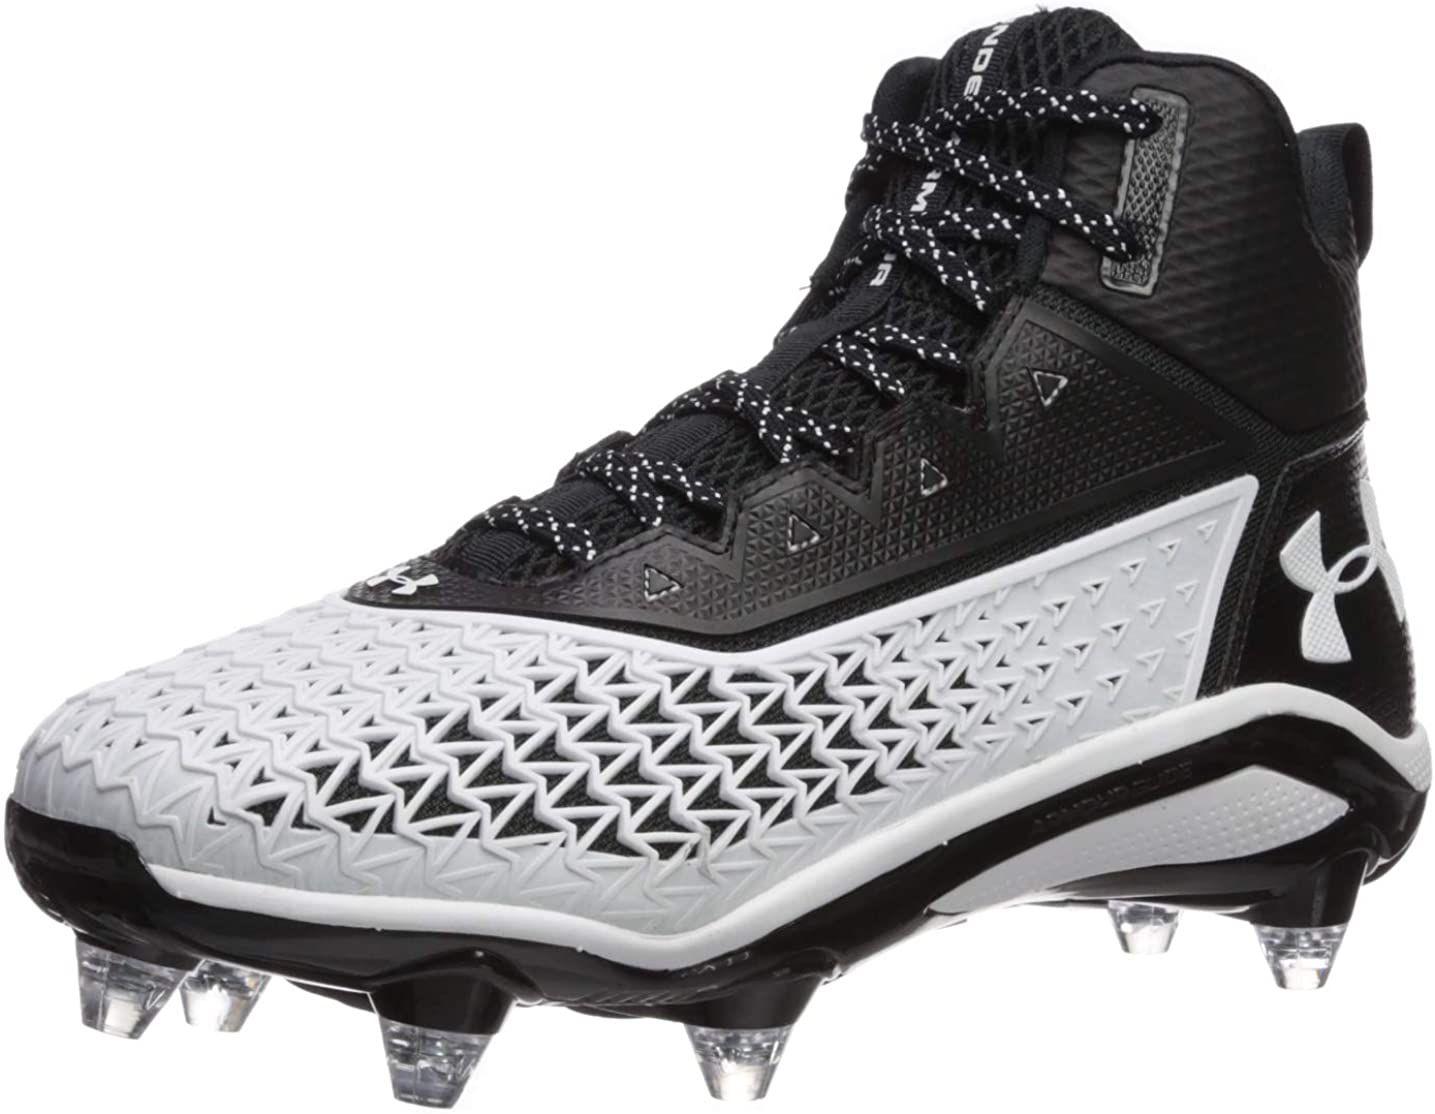 Under Armour Men's Hammer D Football Shoe